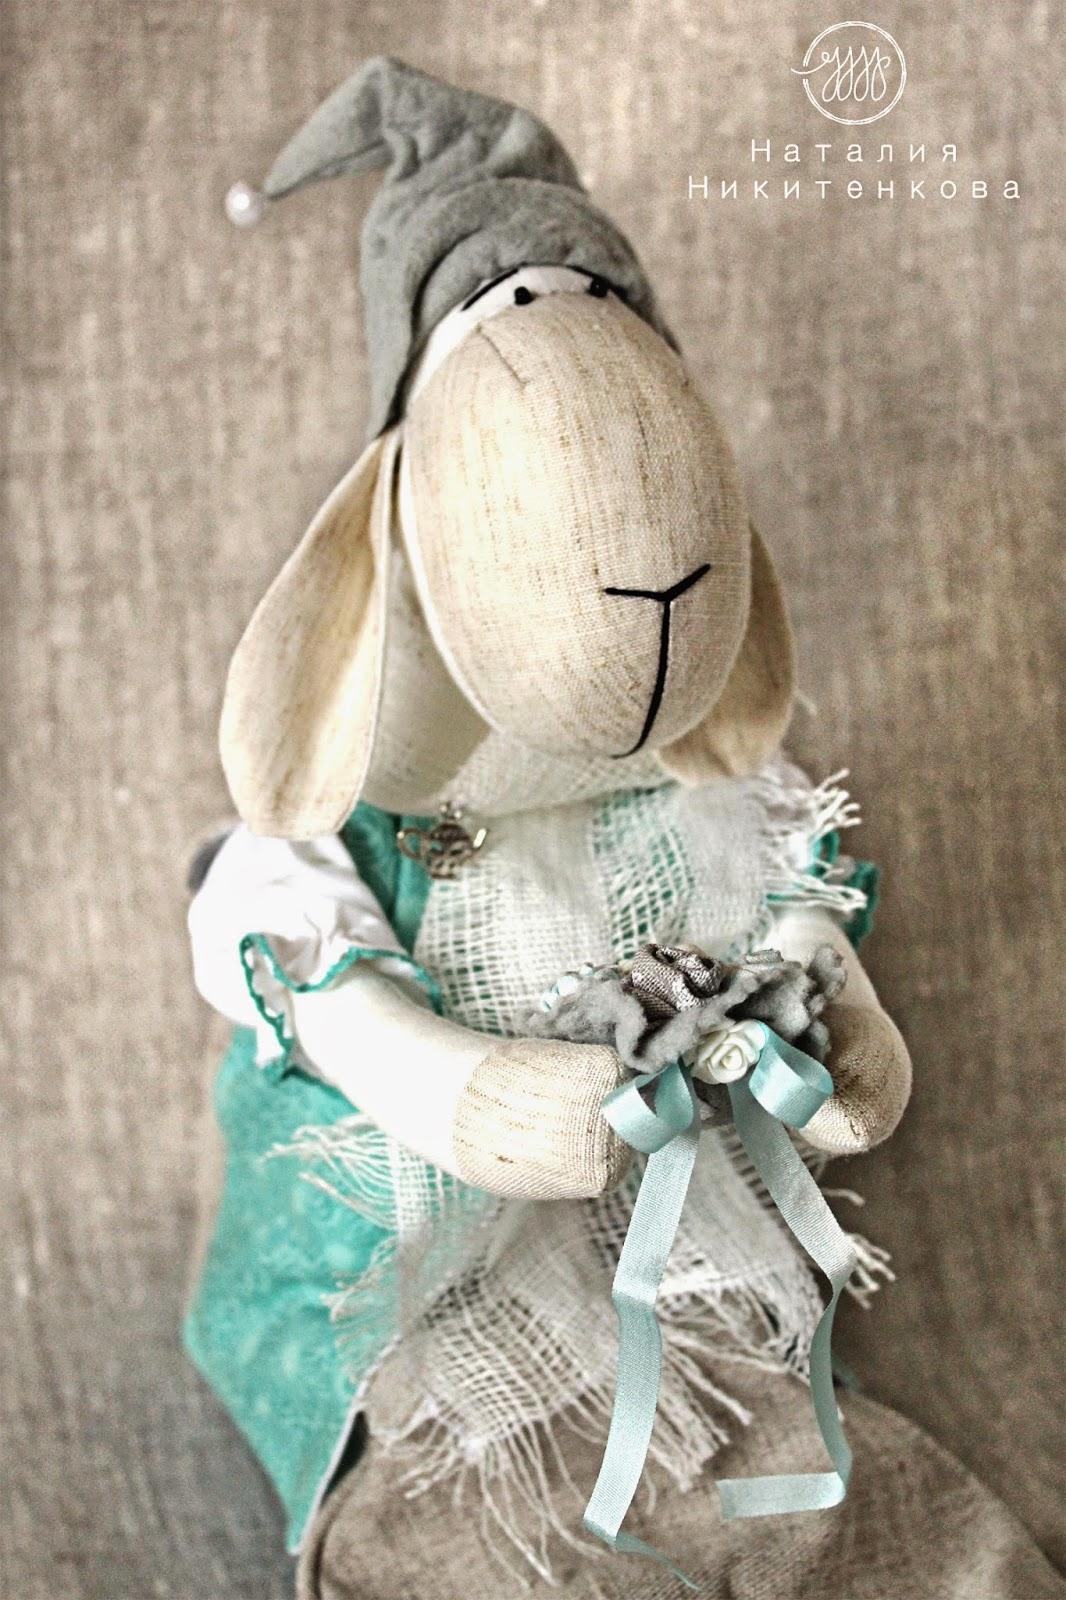 бежевый, овечка, овца, новогодний подарок, в стиле прованс, стиль прованс, прованс кухня, прованский шик, прованские мотивы, пакетница, барашки, овечки, подарок на 8 марта, восьмое марта, подарок девушке, подарок бабушке, на кухню, для кухни, подарок,